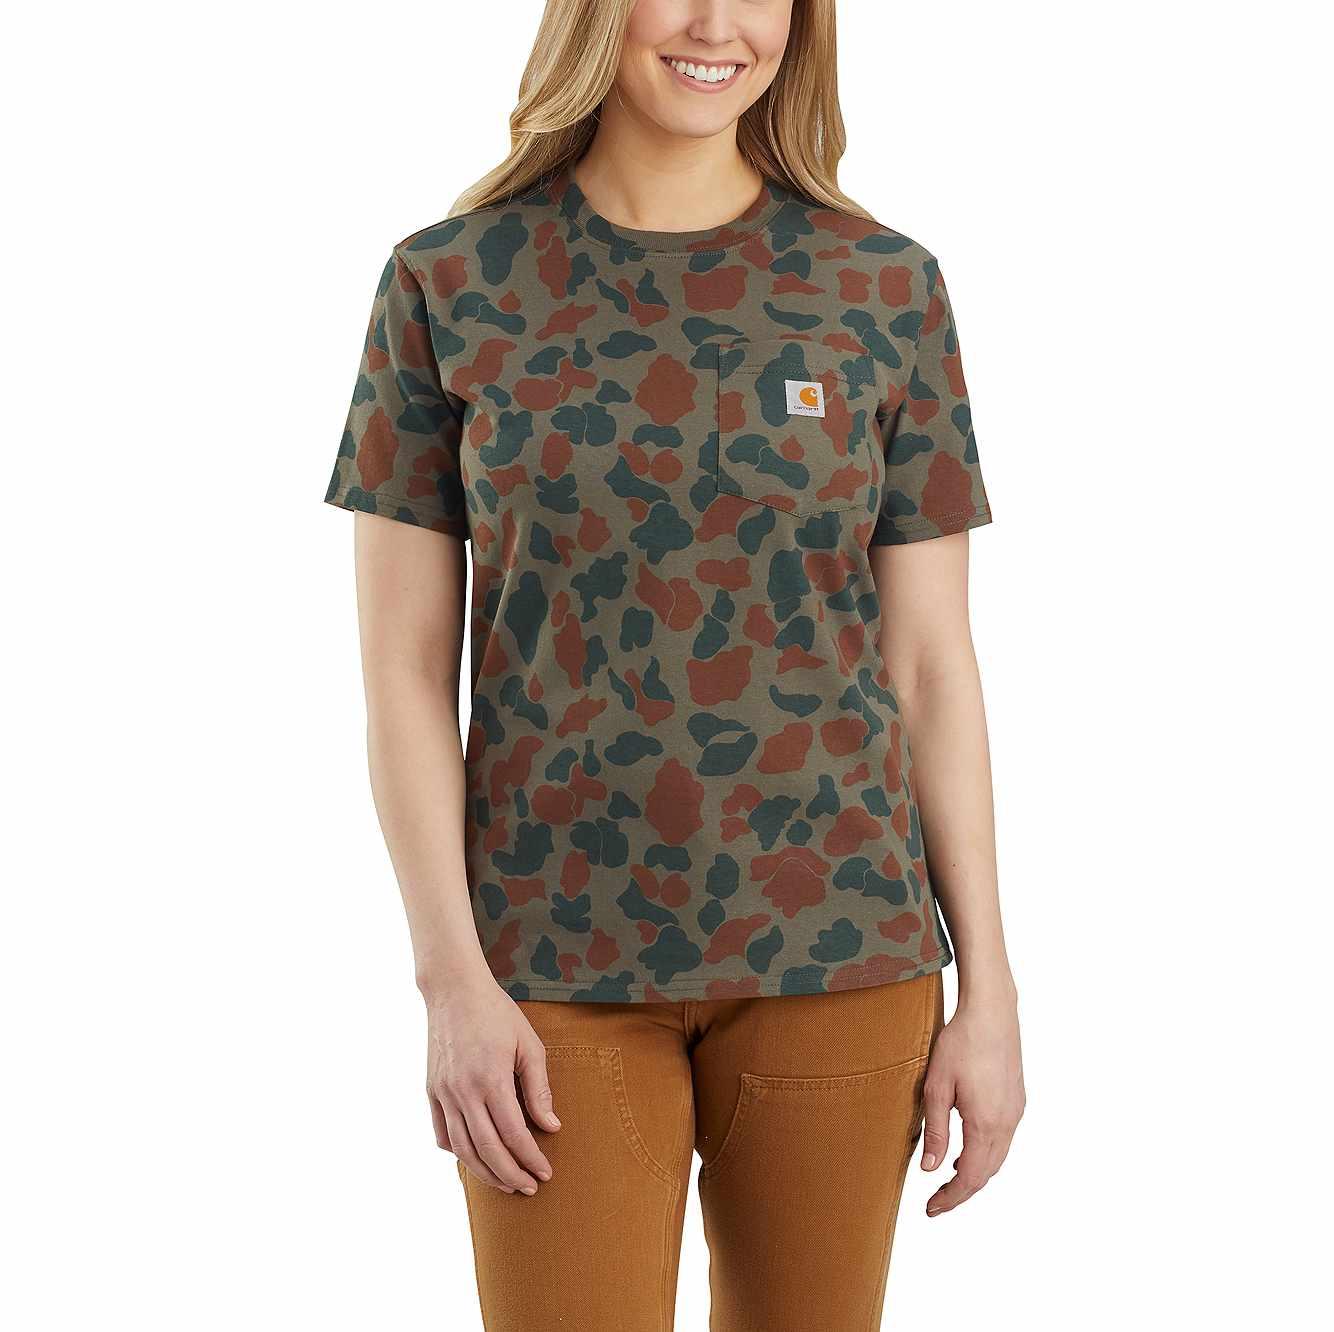 Picture of Carhartt® Original Fit Heavyweight Short Sleeve Pocket Logo Camo T-Shirt in Moss Duck Camo